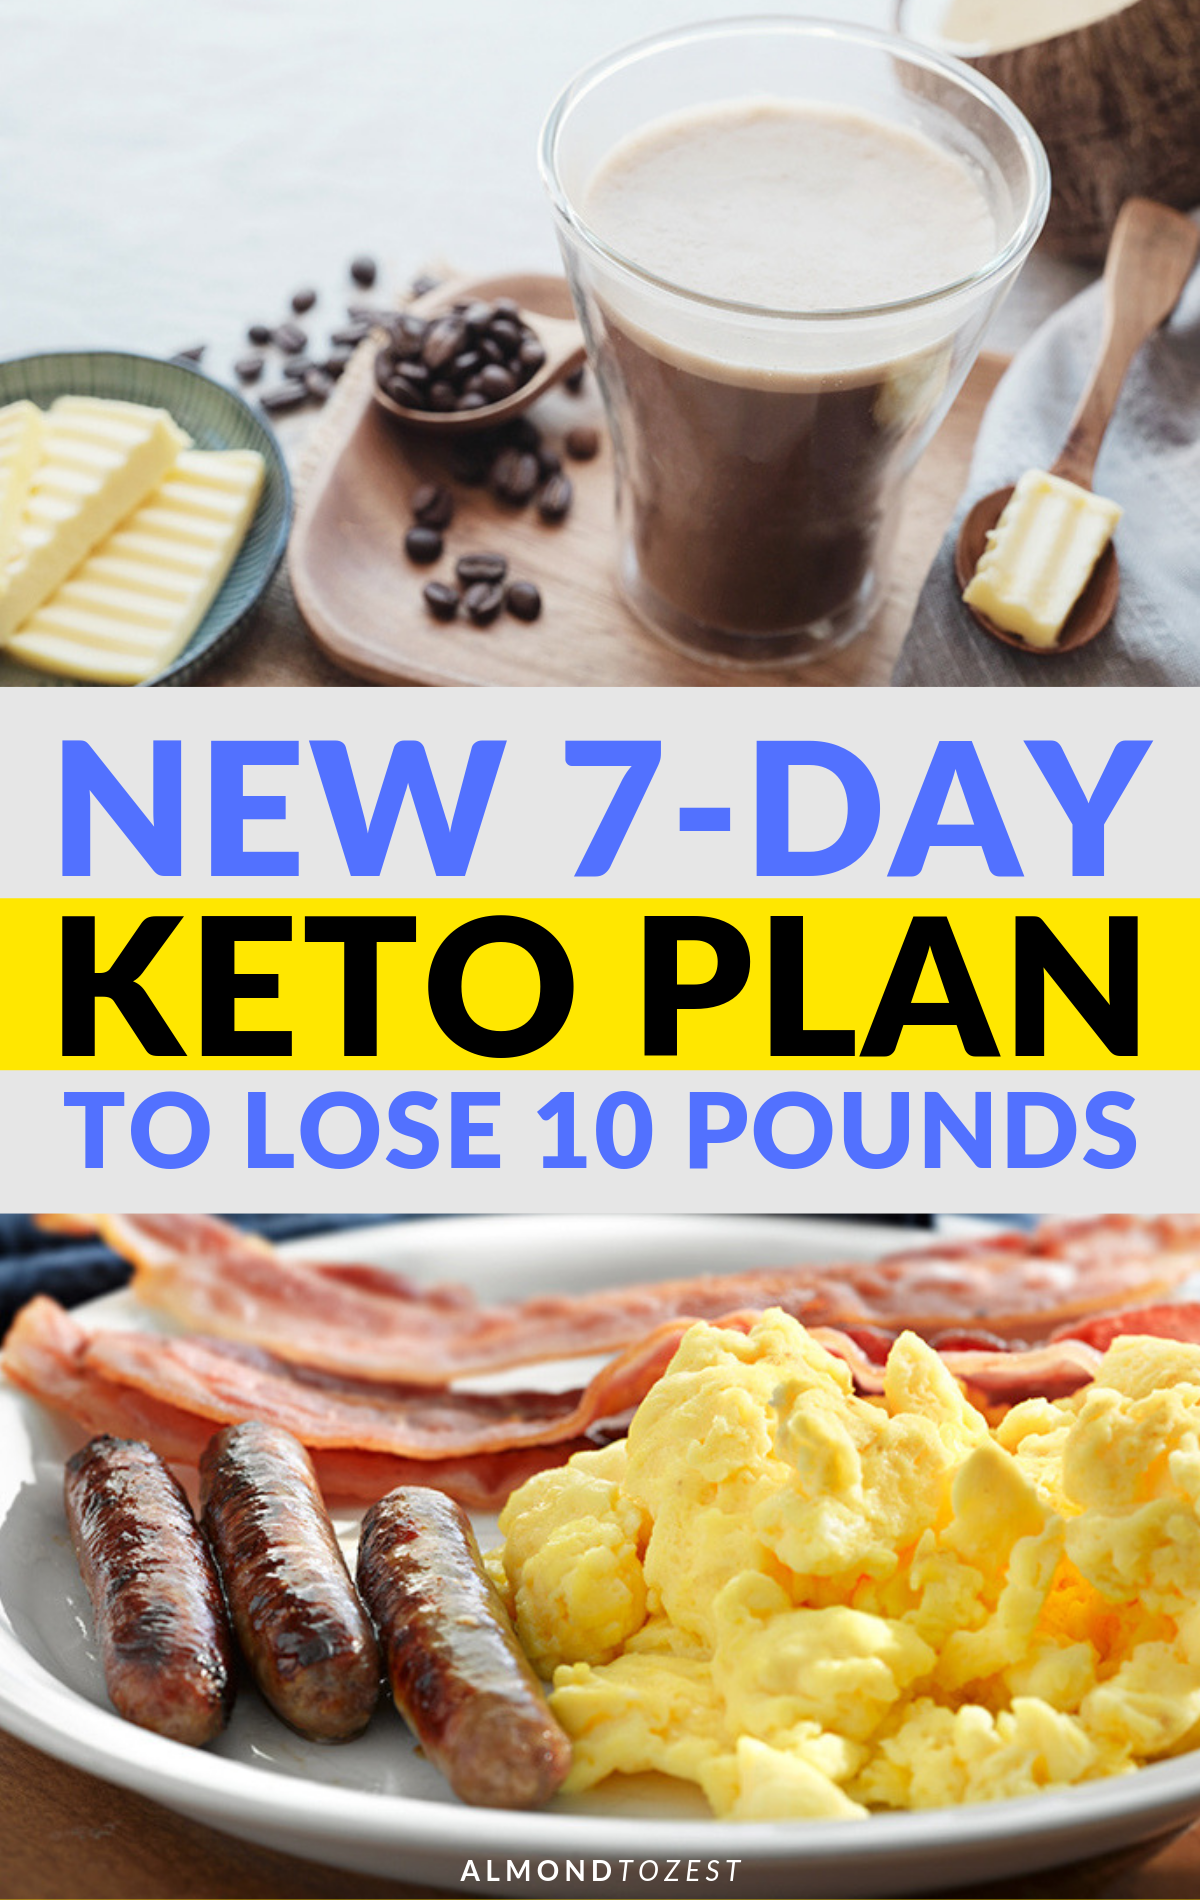 Keto Diet One Week